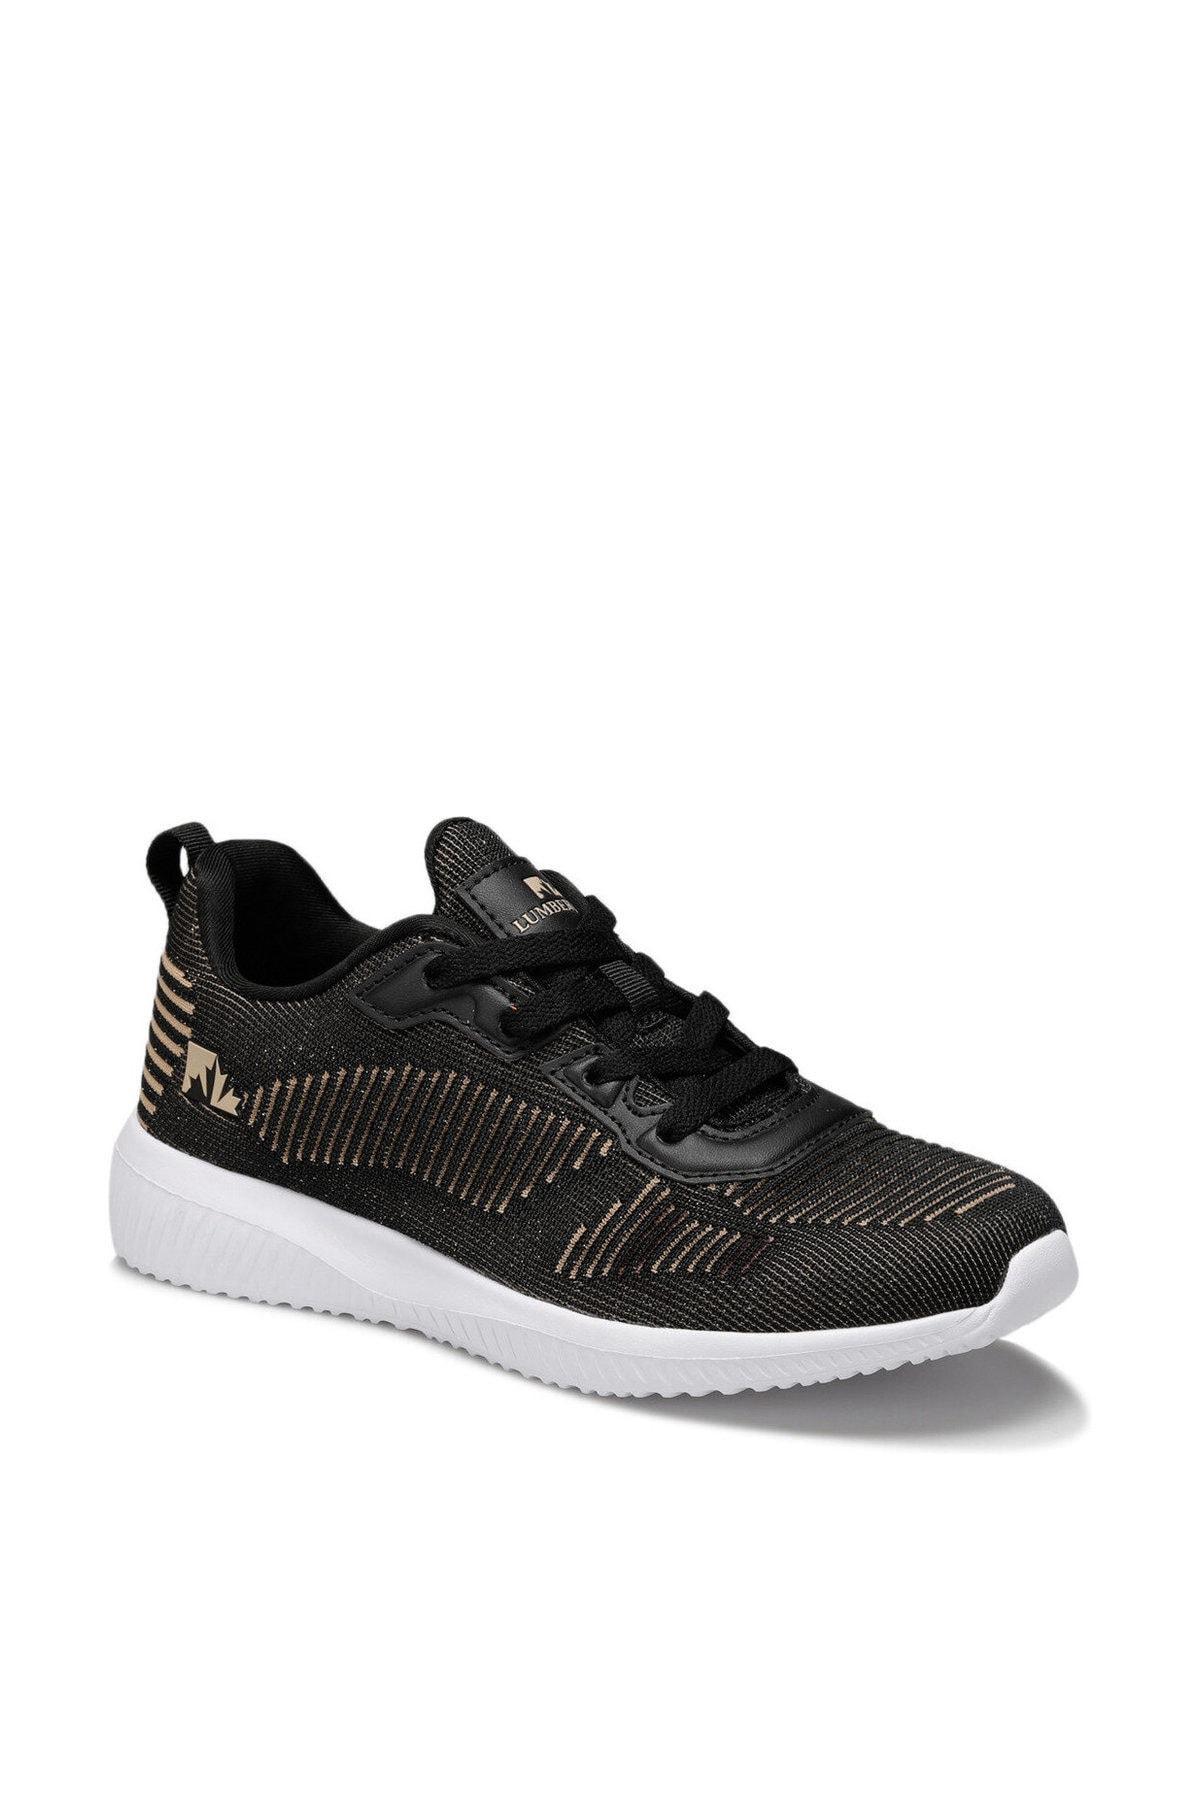 lumberjack CAROLINE Siyah Kadın Comfort Ayakkabı 100497018 1